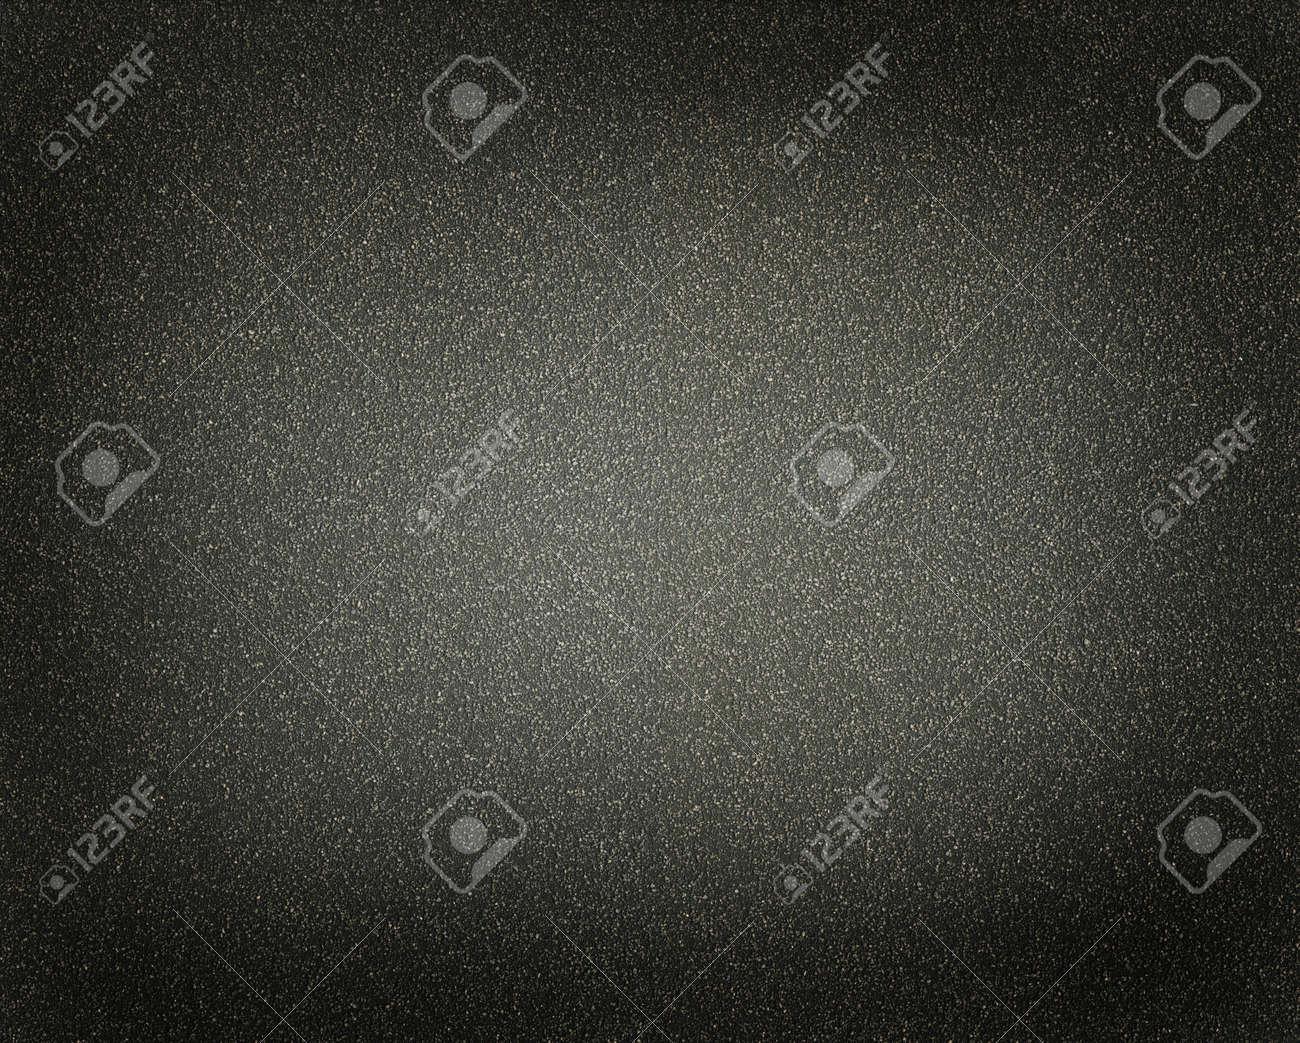 asphalt texture Stock Photo - 7365970